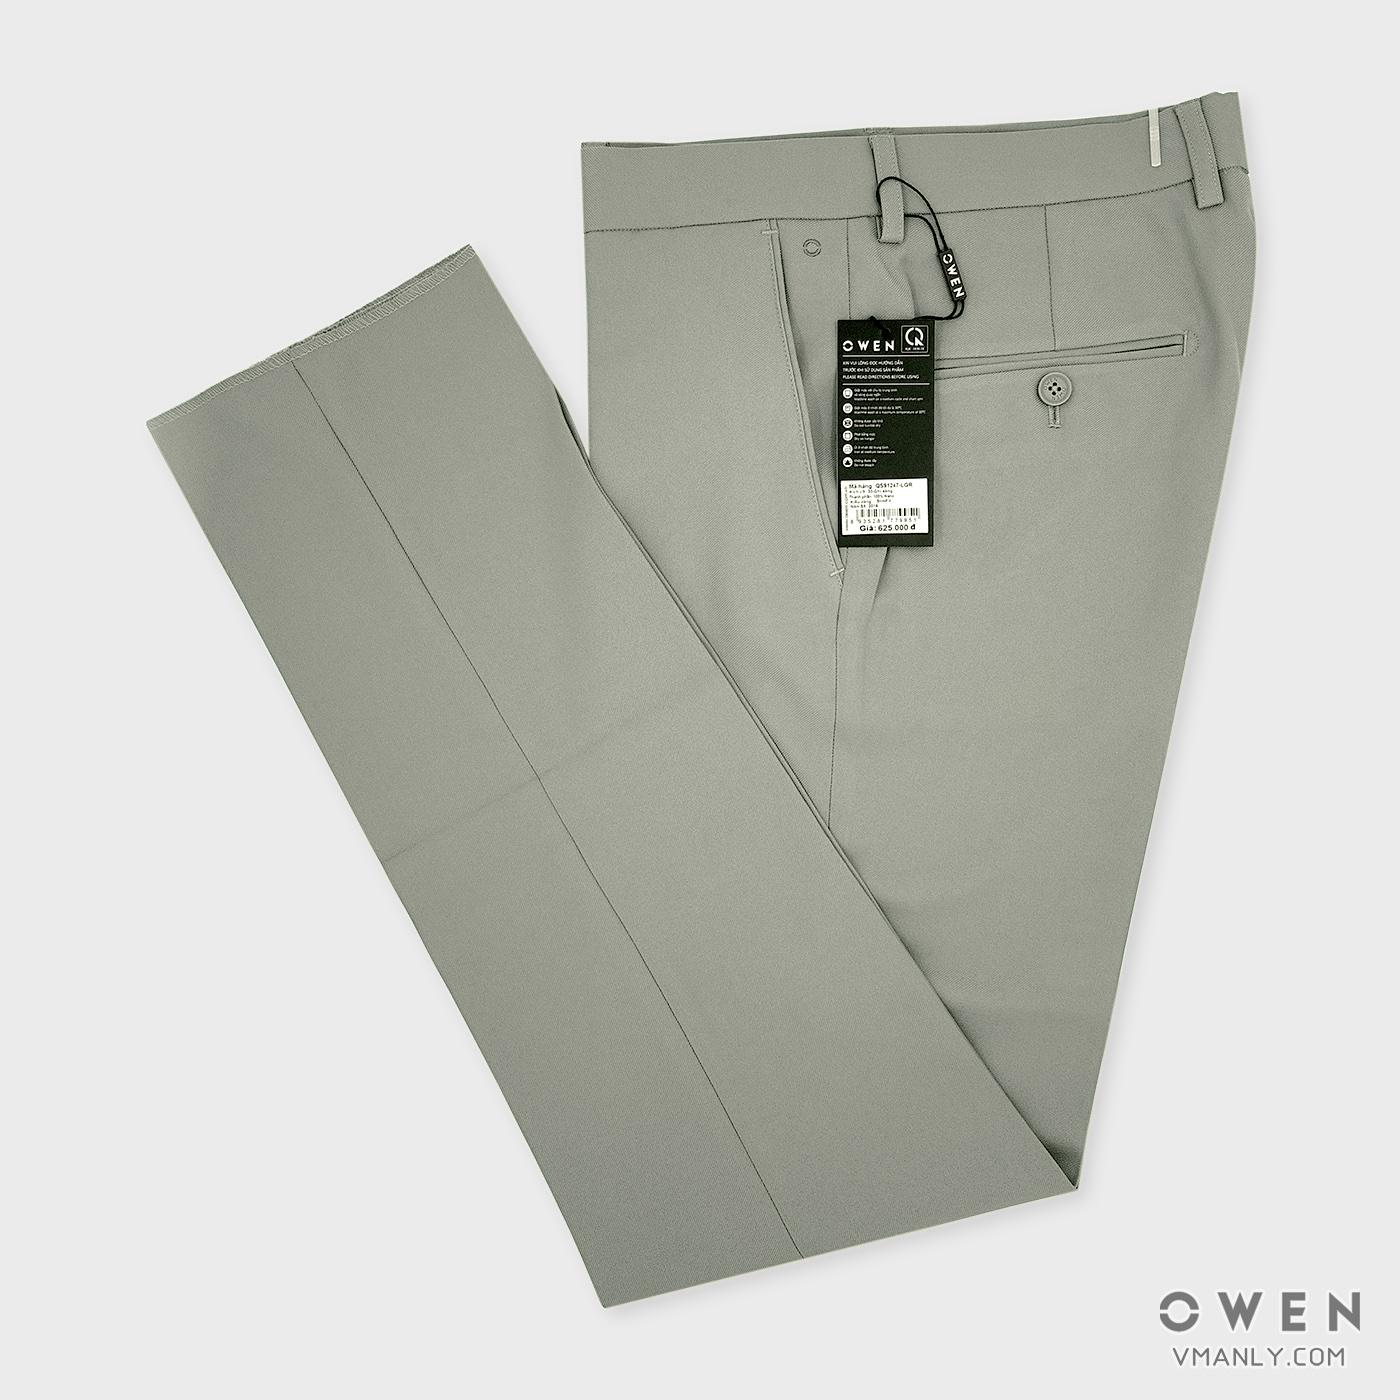 Quần tây Owen không li slim fit màu ghi sáng QS91247